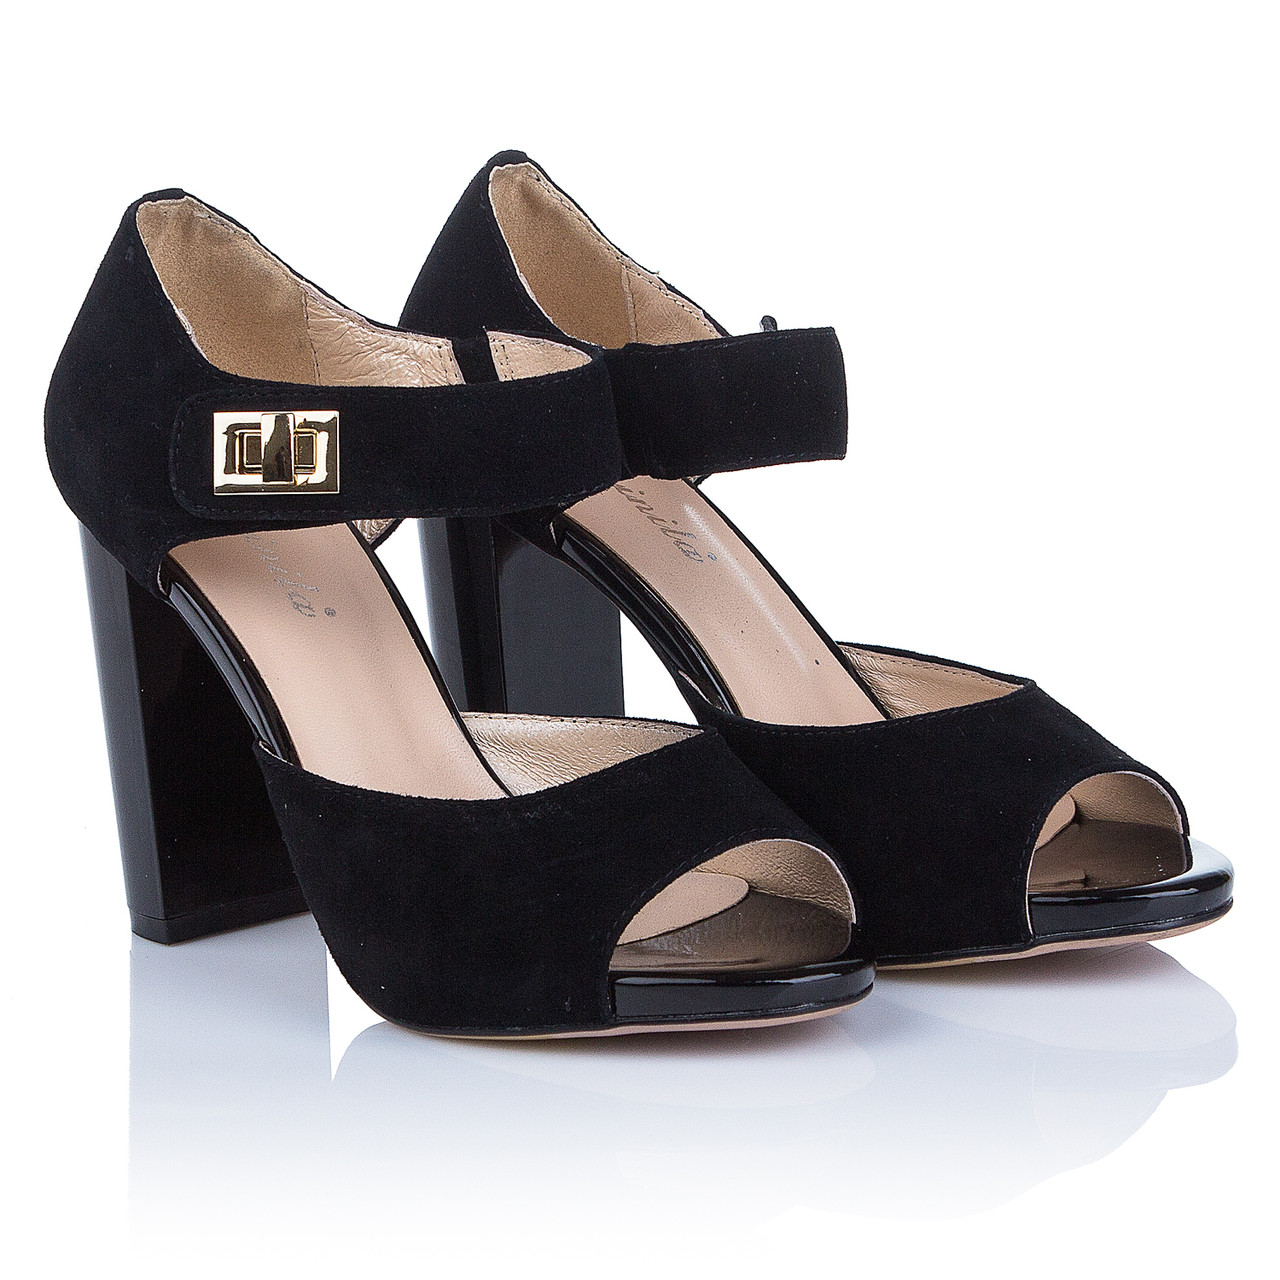 dae5c314d Черные босоножки на толстом каблуке Mainila (элегантные, изысканные,  стильные, модные, комфортные -41%